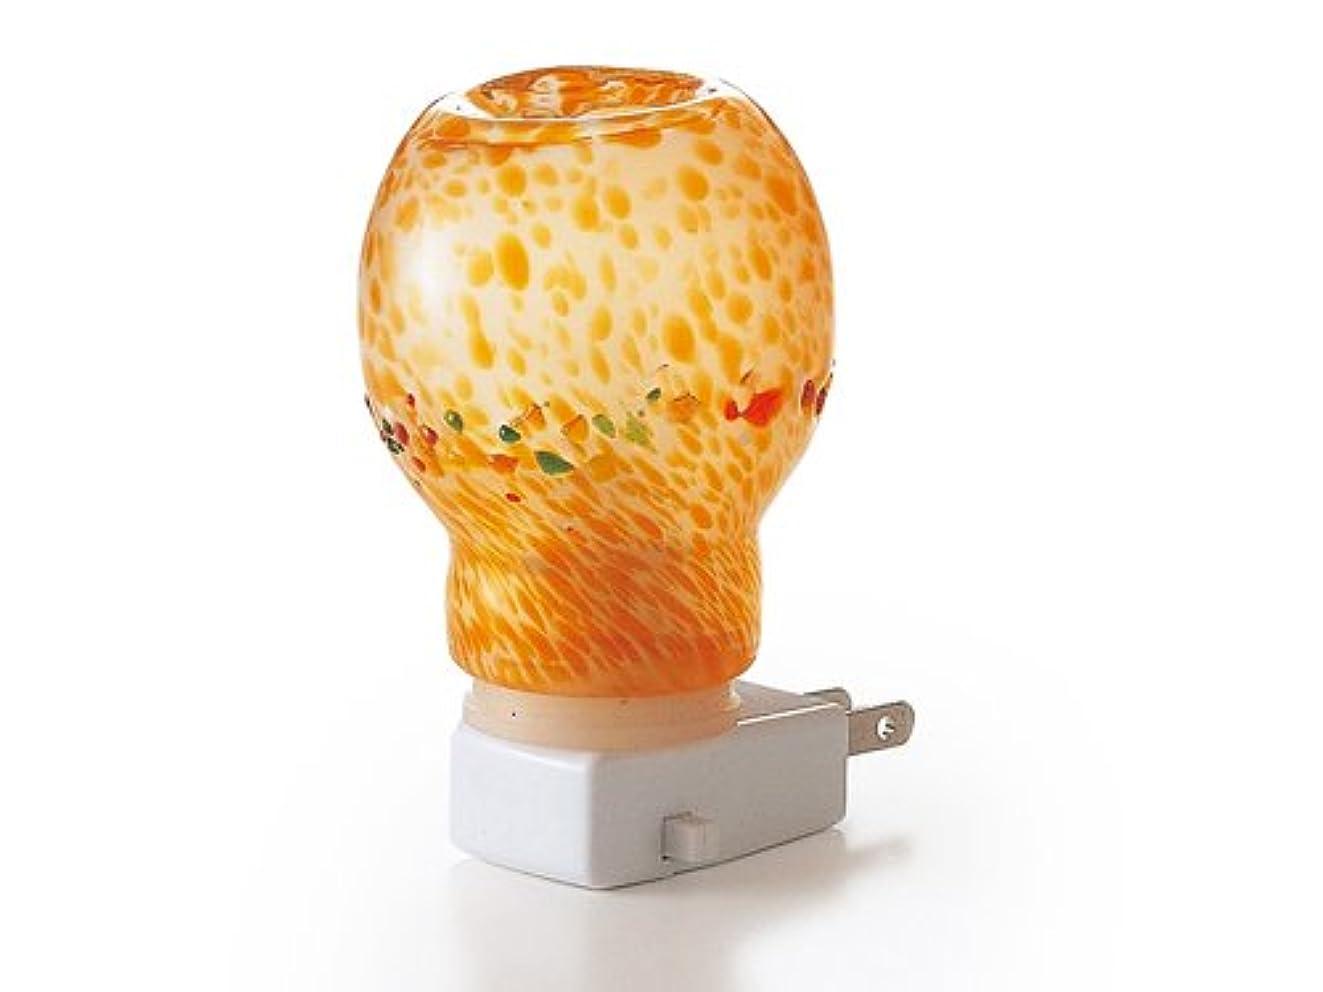 宣言する然とした段落癒しのランプ(橙)